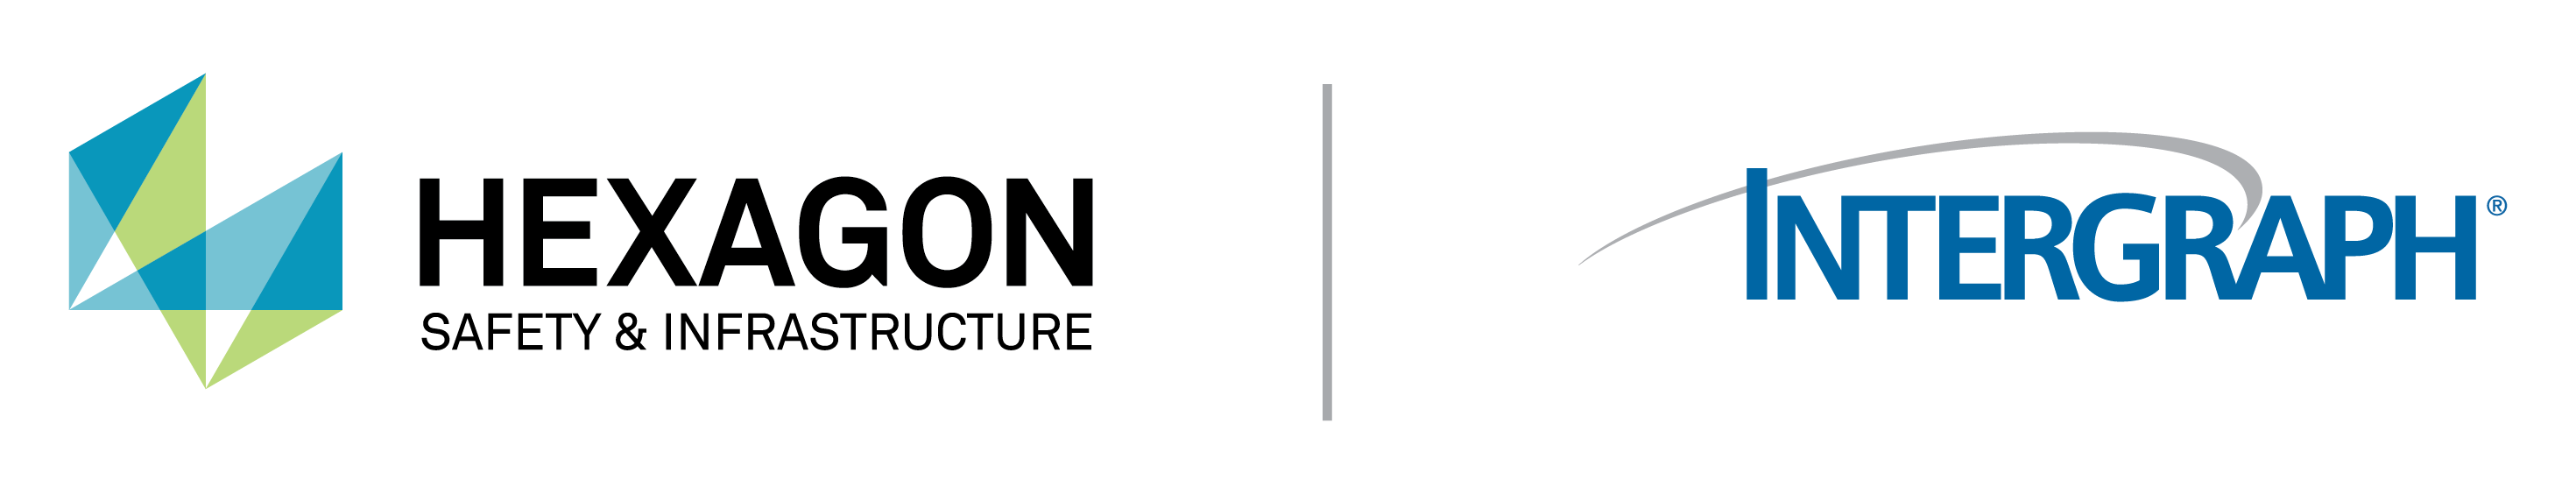 Hexagon_SI-Intergraph_CMYK_STANDARD-01